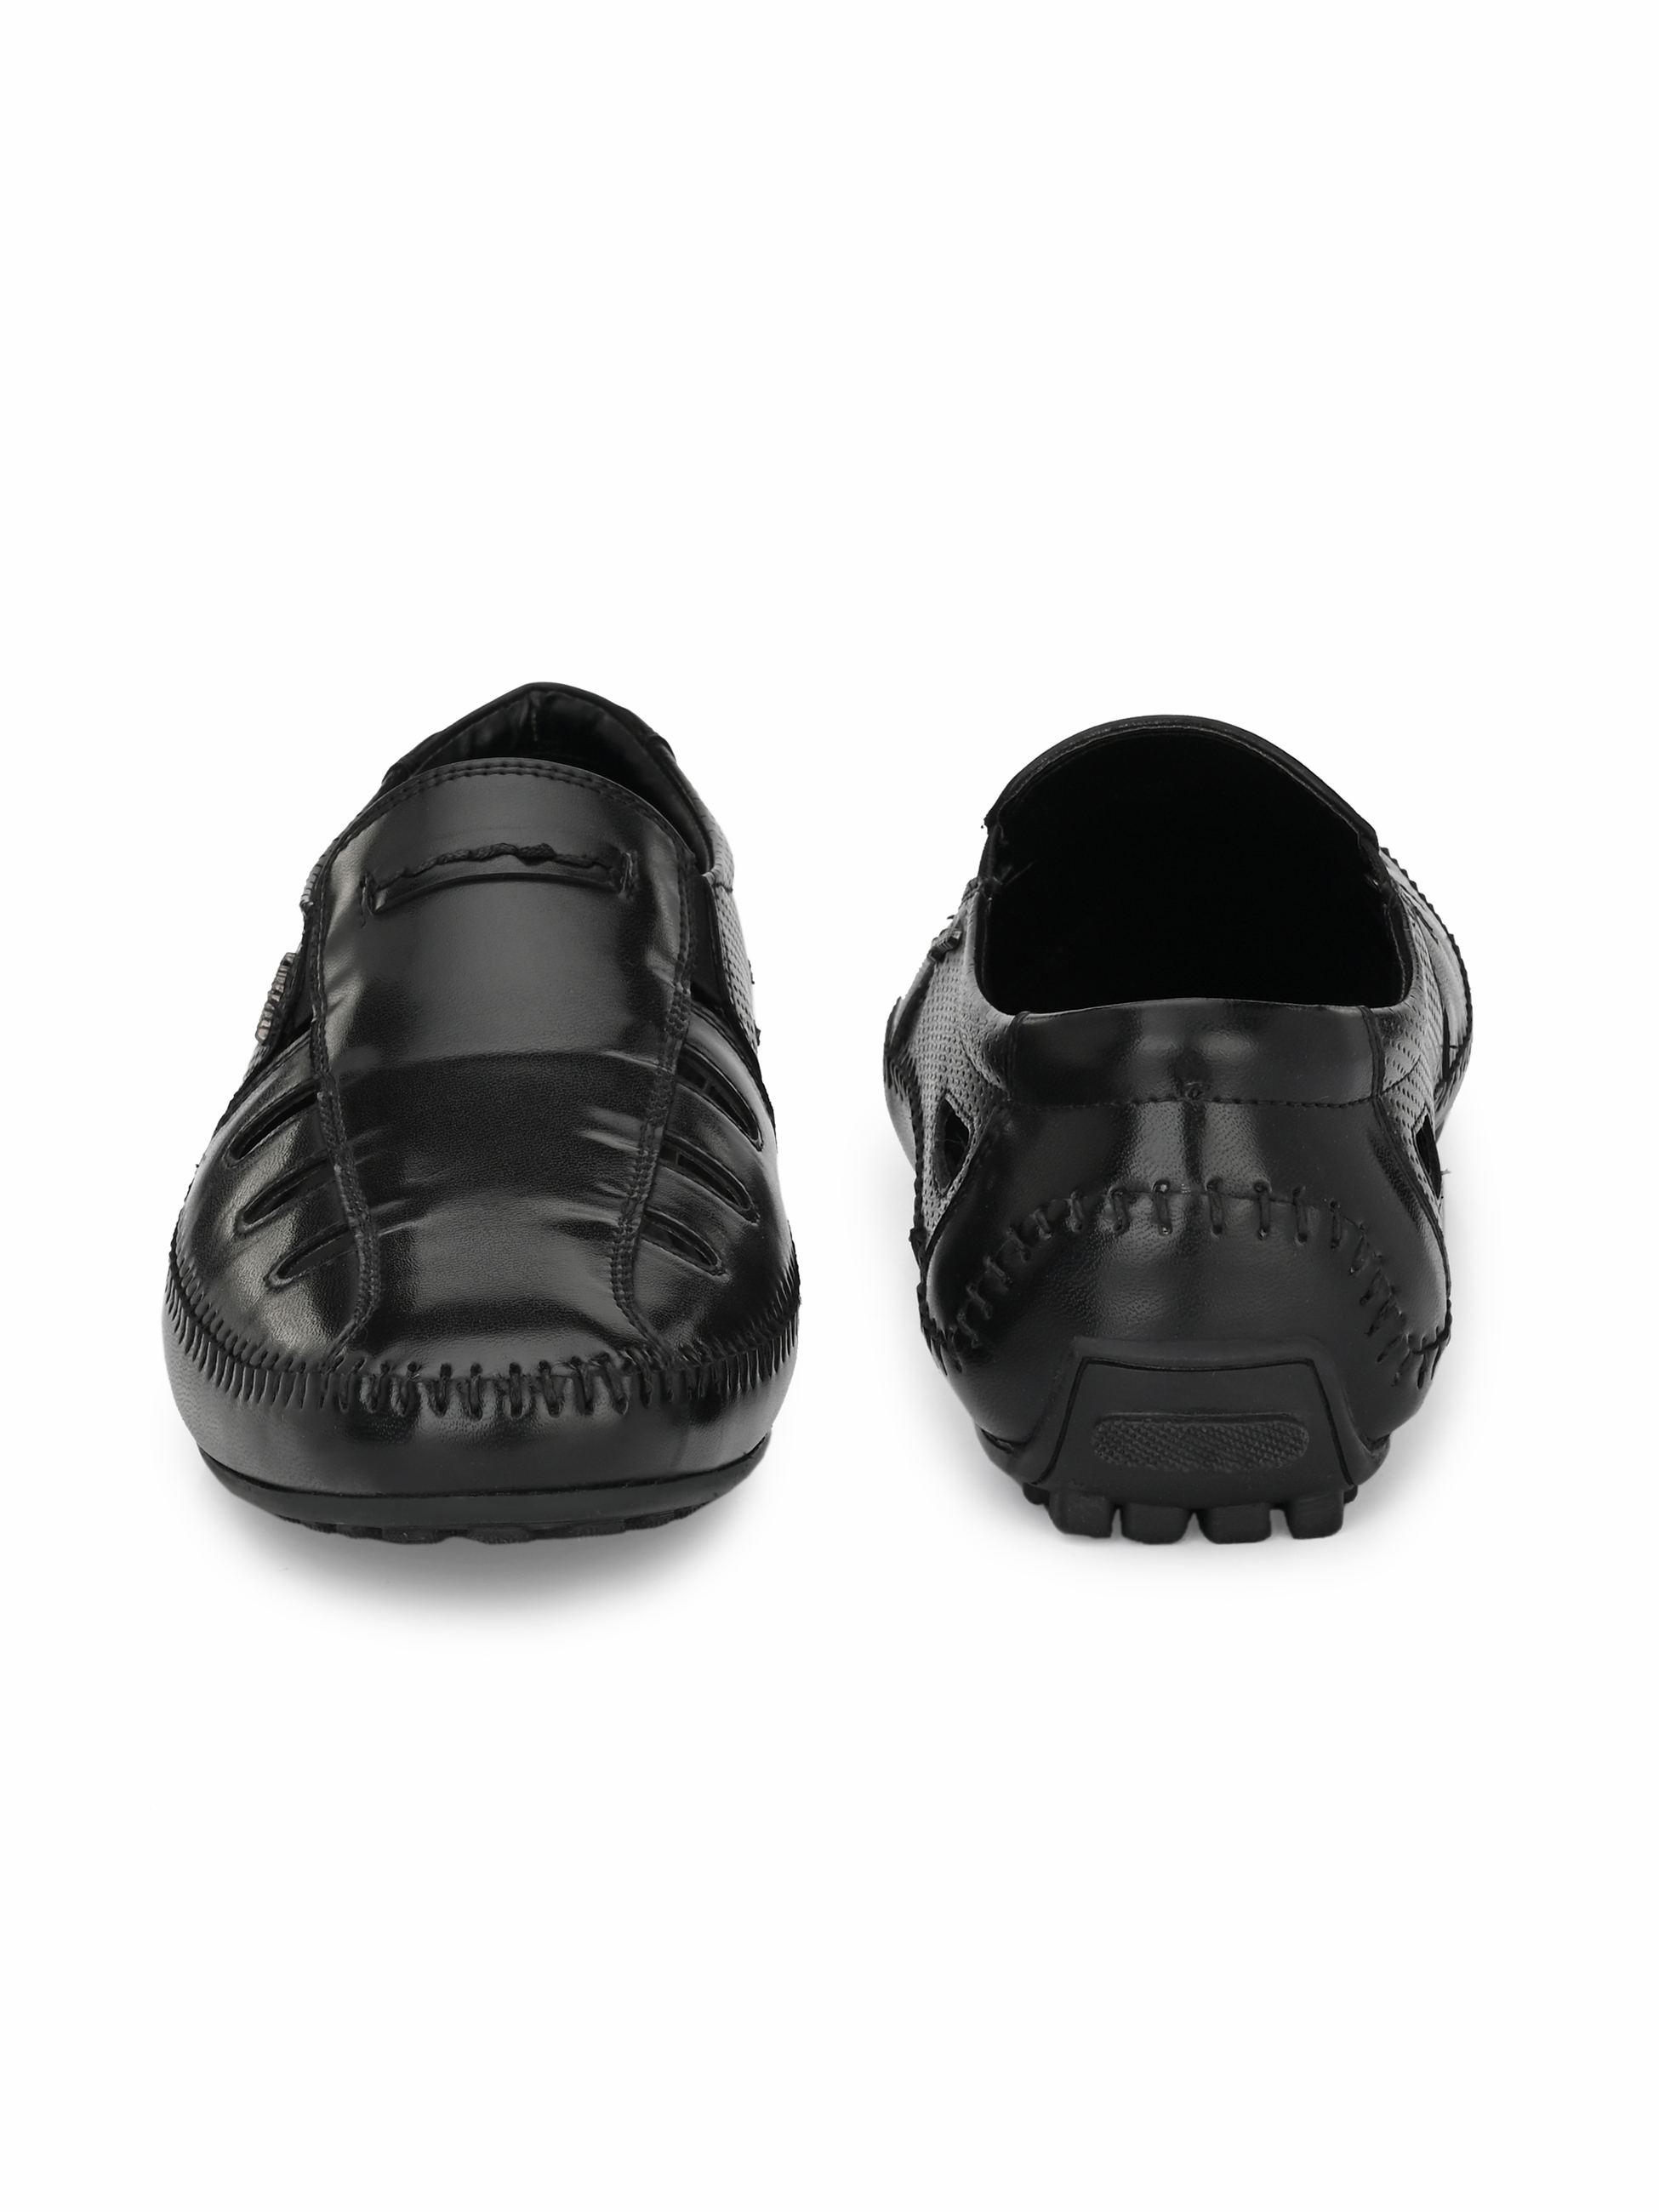 San Frissco   San Frissco Men's Faux Leather Friv Black Sandals